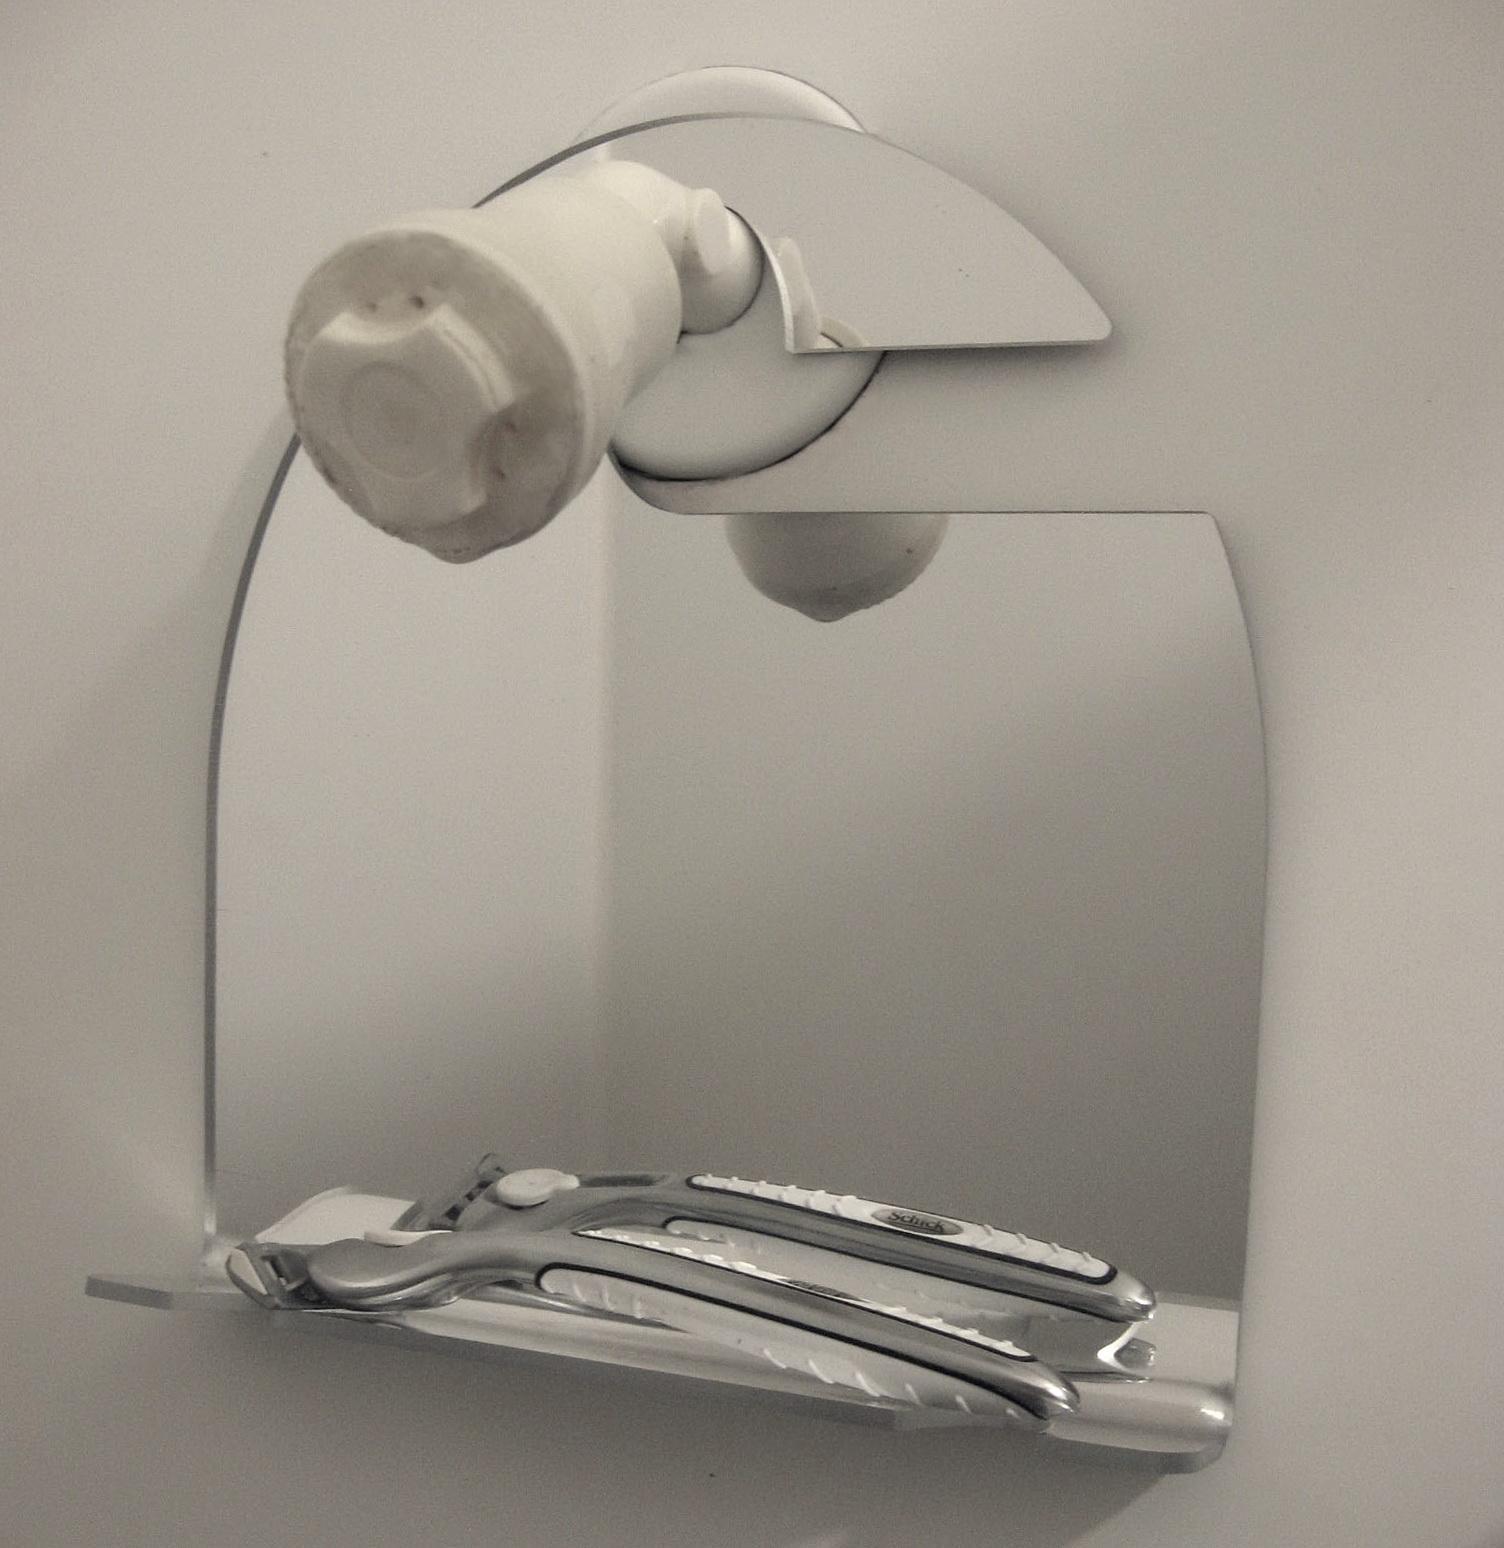 Fogless Shower Mirror Amazon